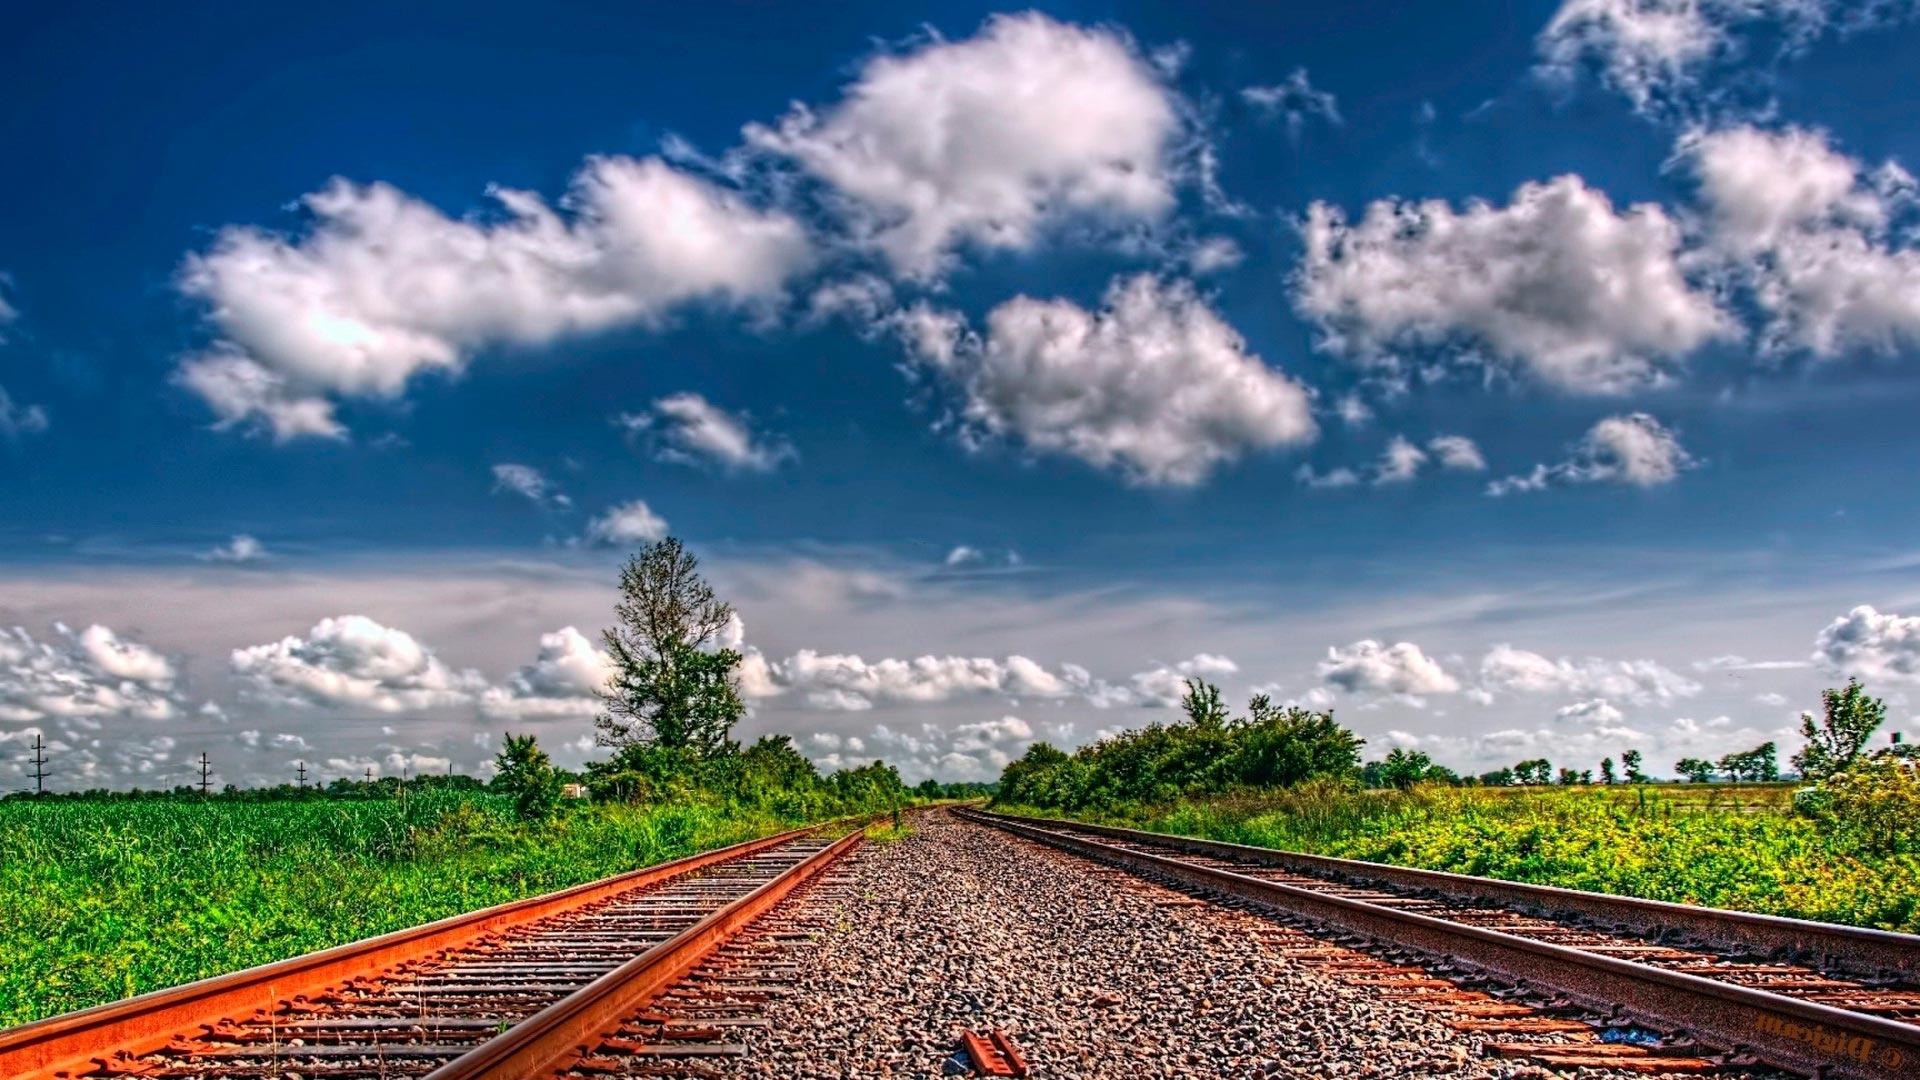 Railroad Picture